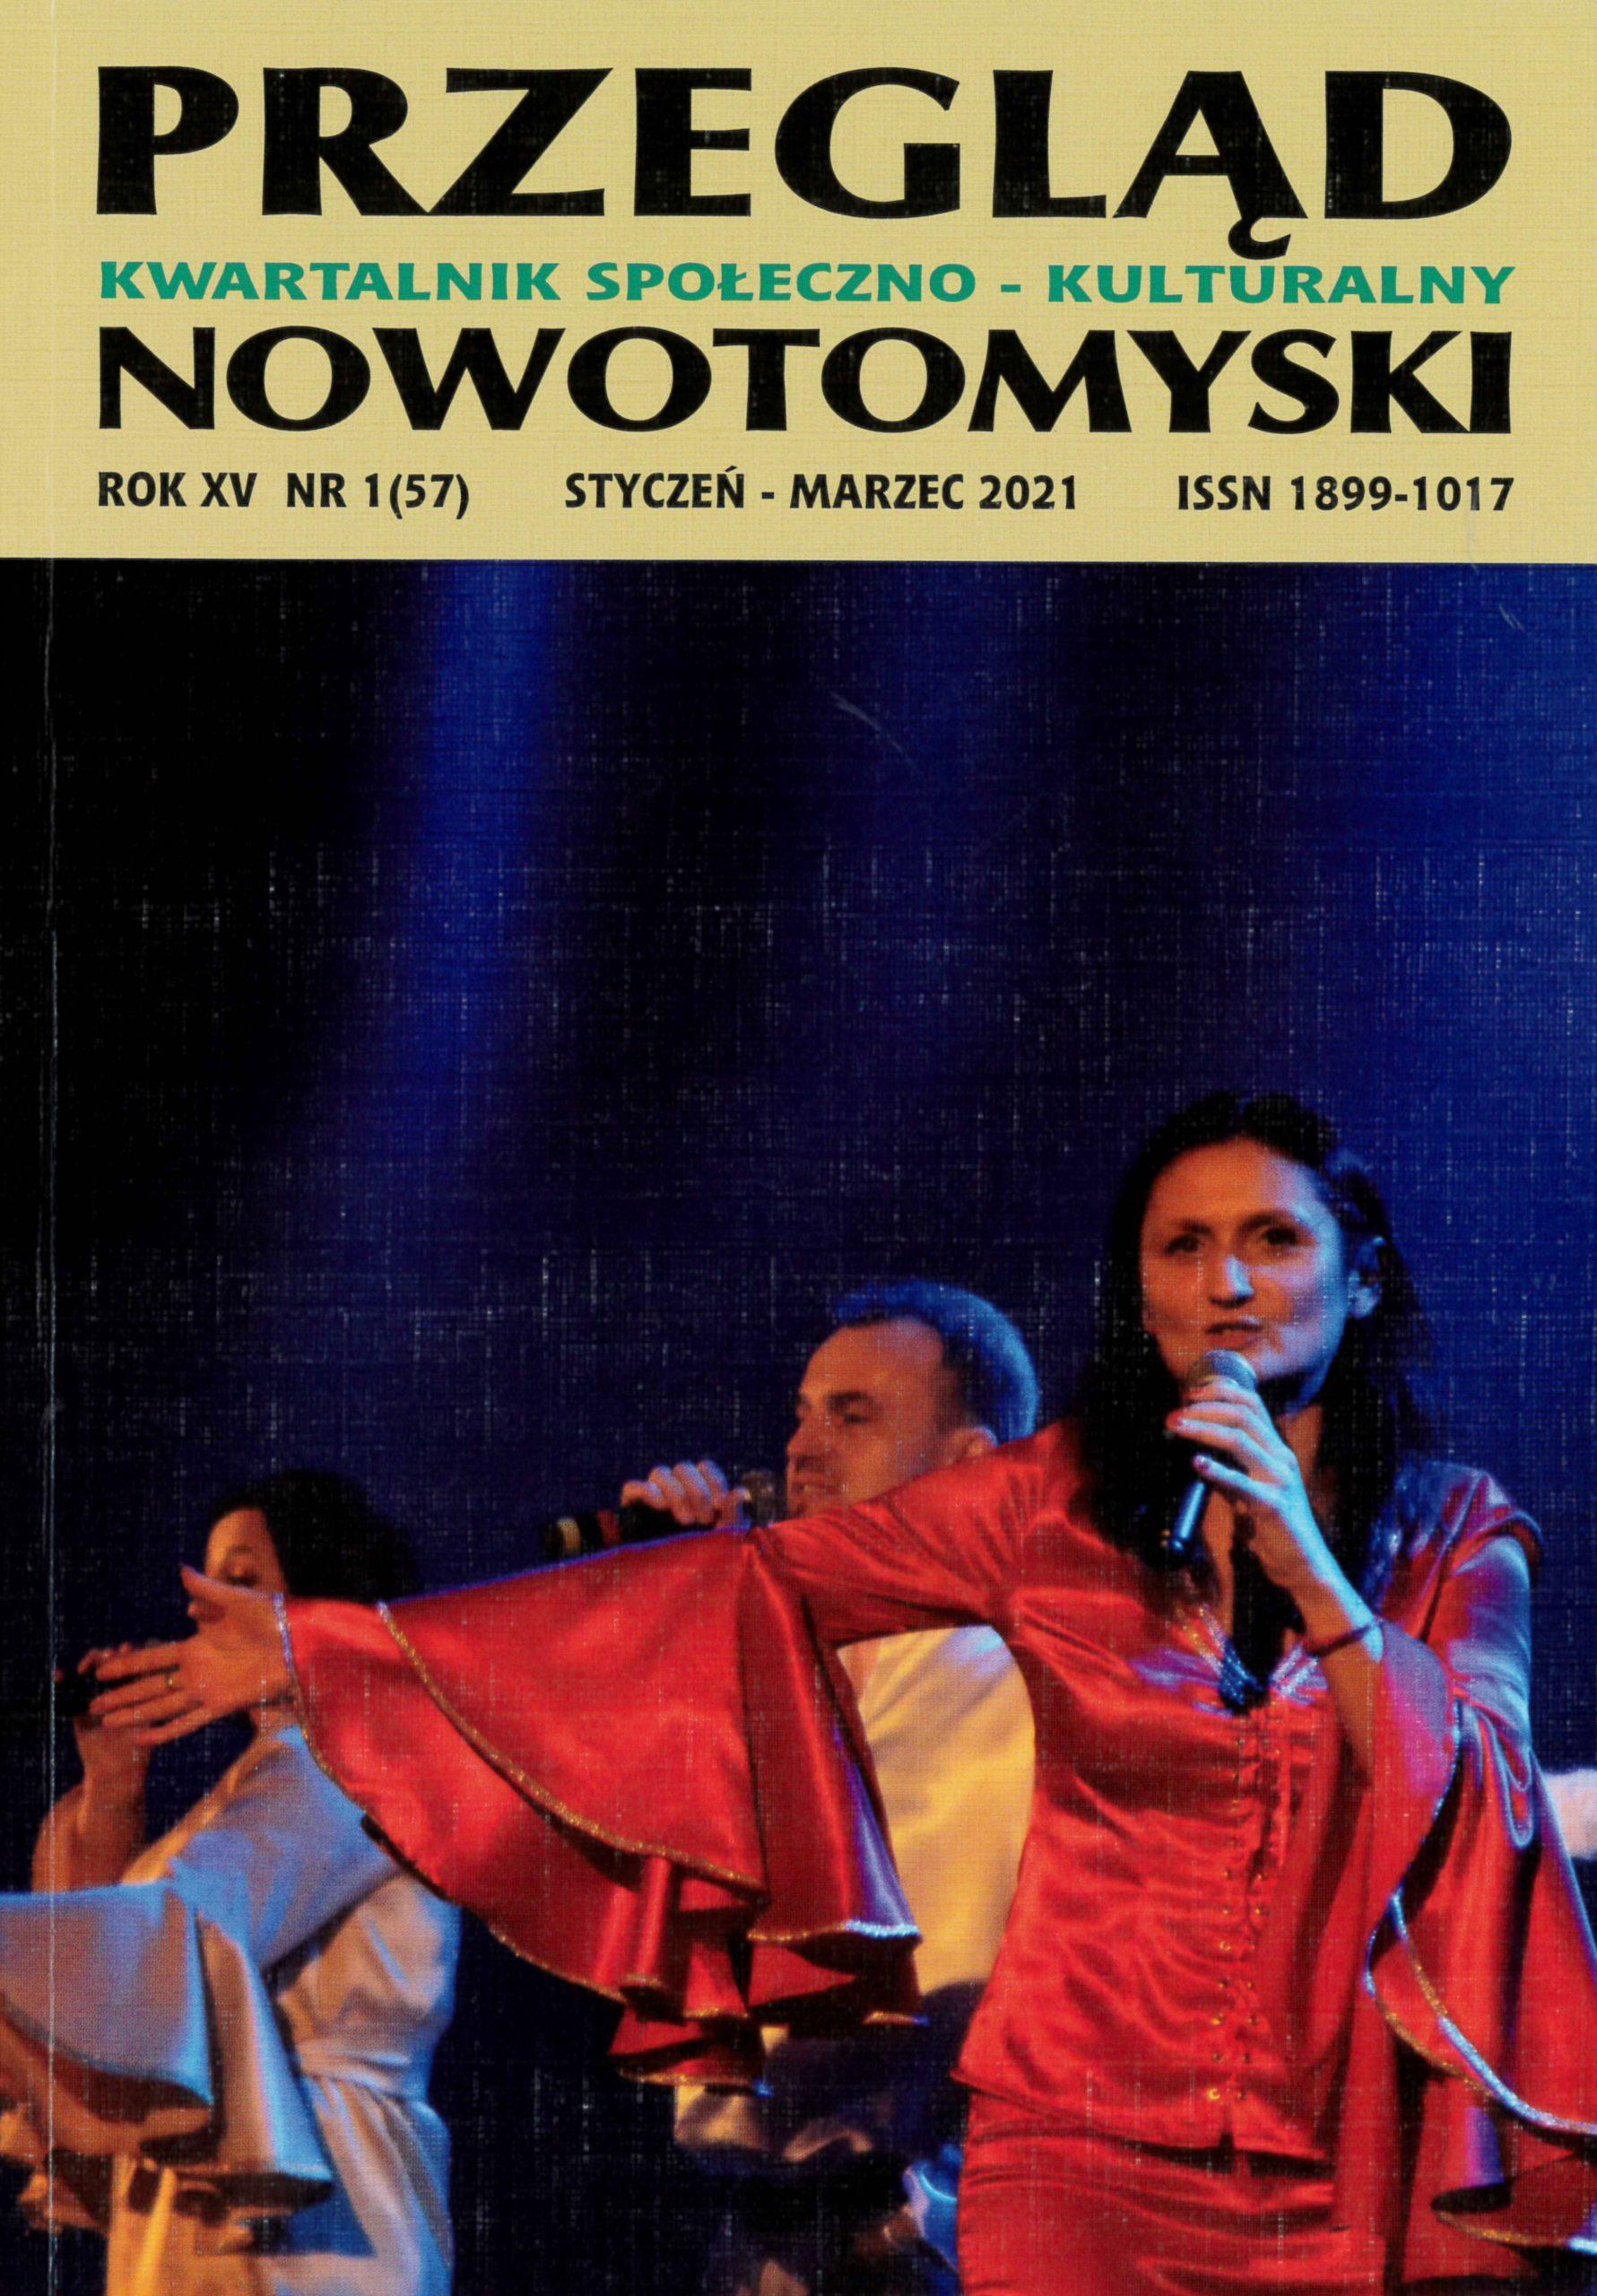 Przegląd Nowotomyski 1//57/2021